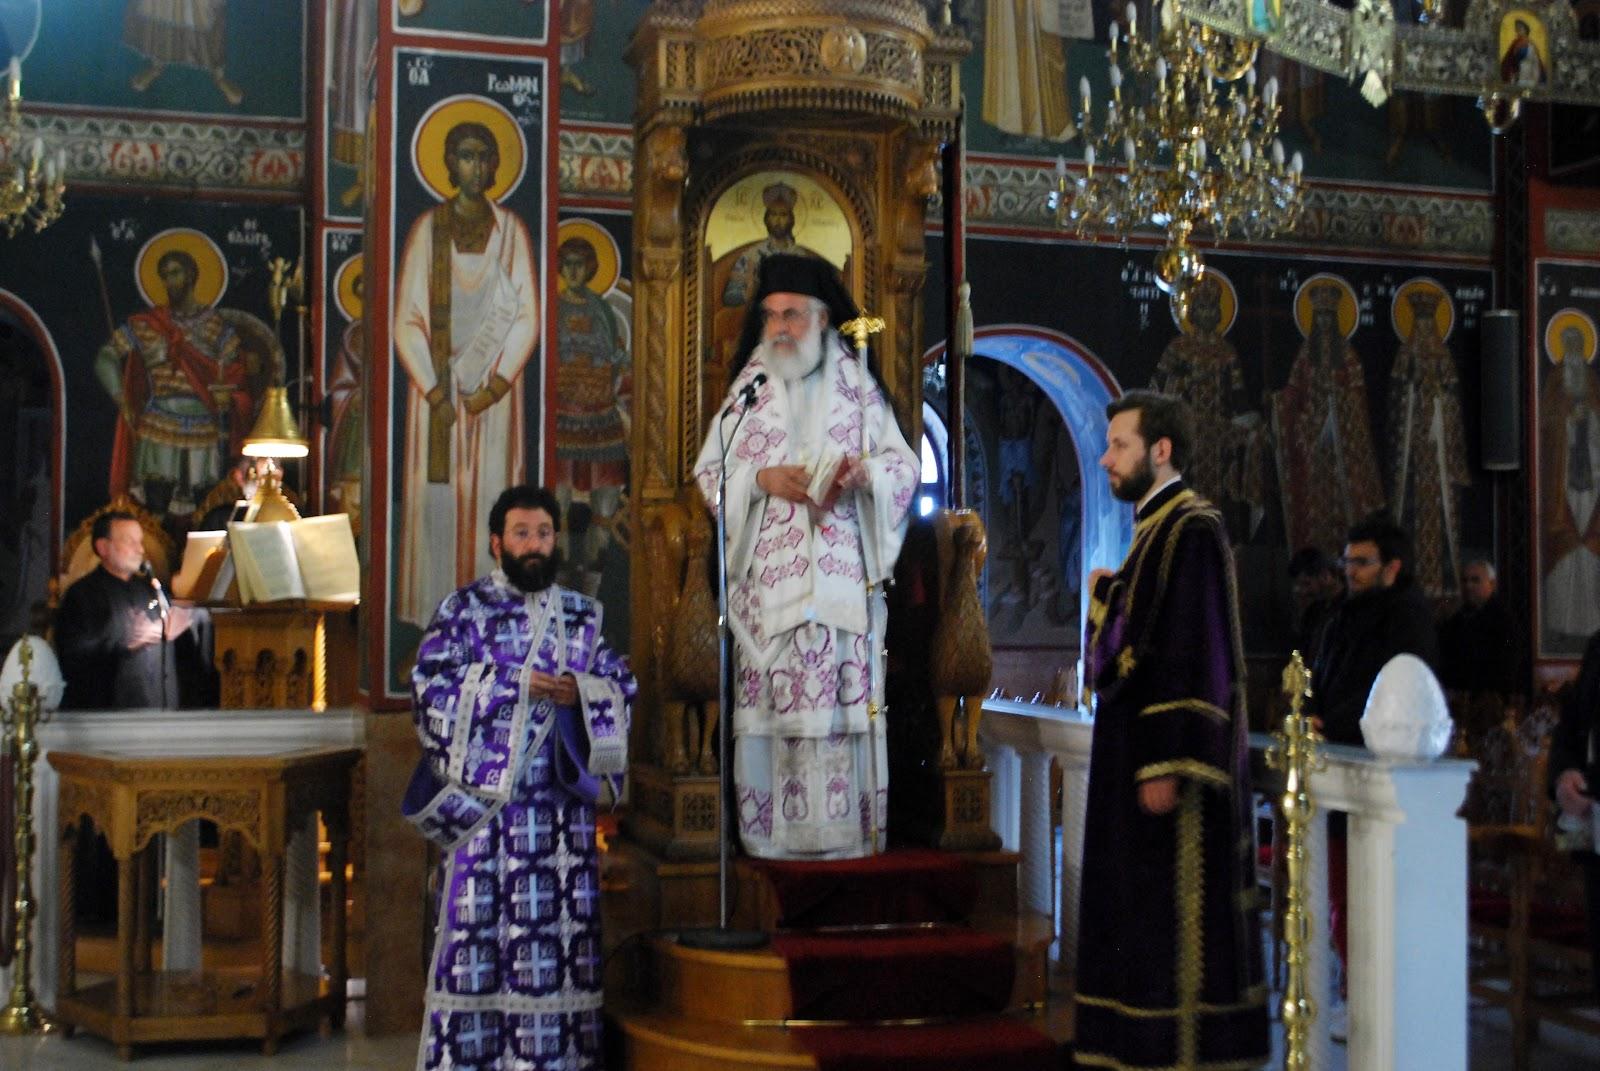 4475a219ae Αθηναγόρας τέλεσε στον ιερό ναό του Αγίου Δημητρίου την ακολουθία των  προηγιασμένων τιμίων δώρων.